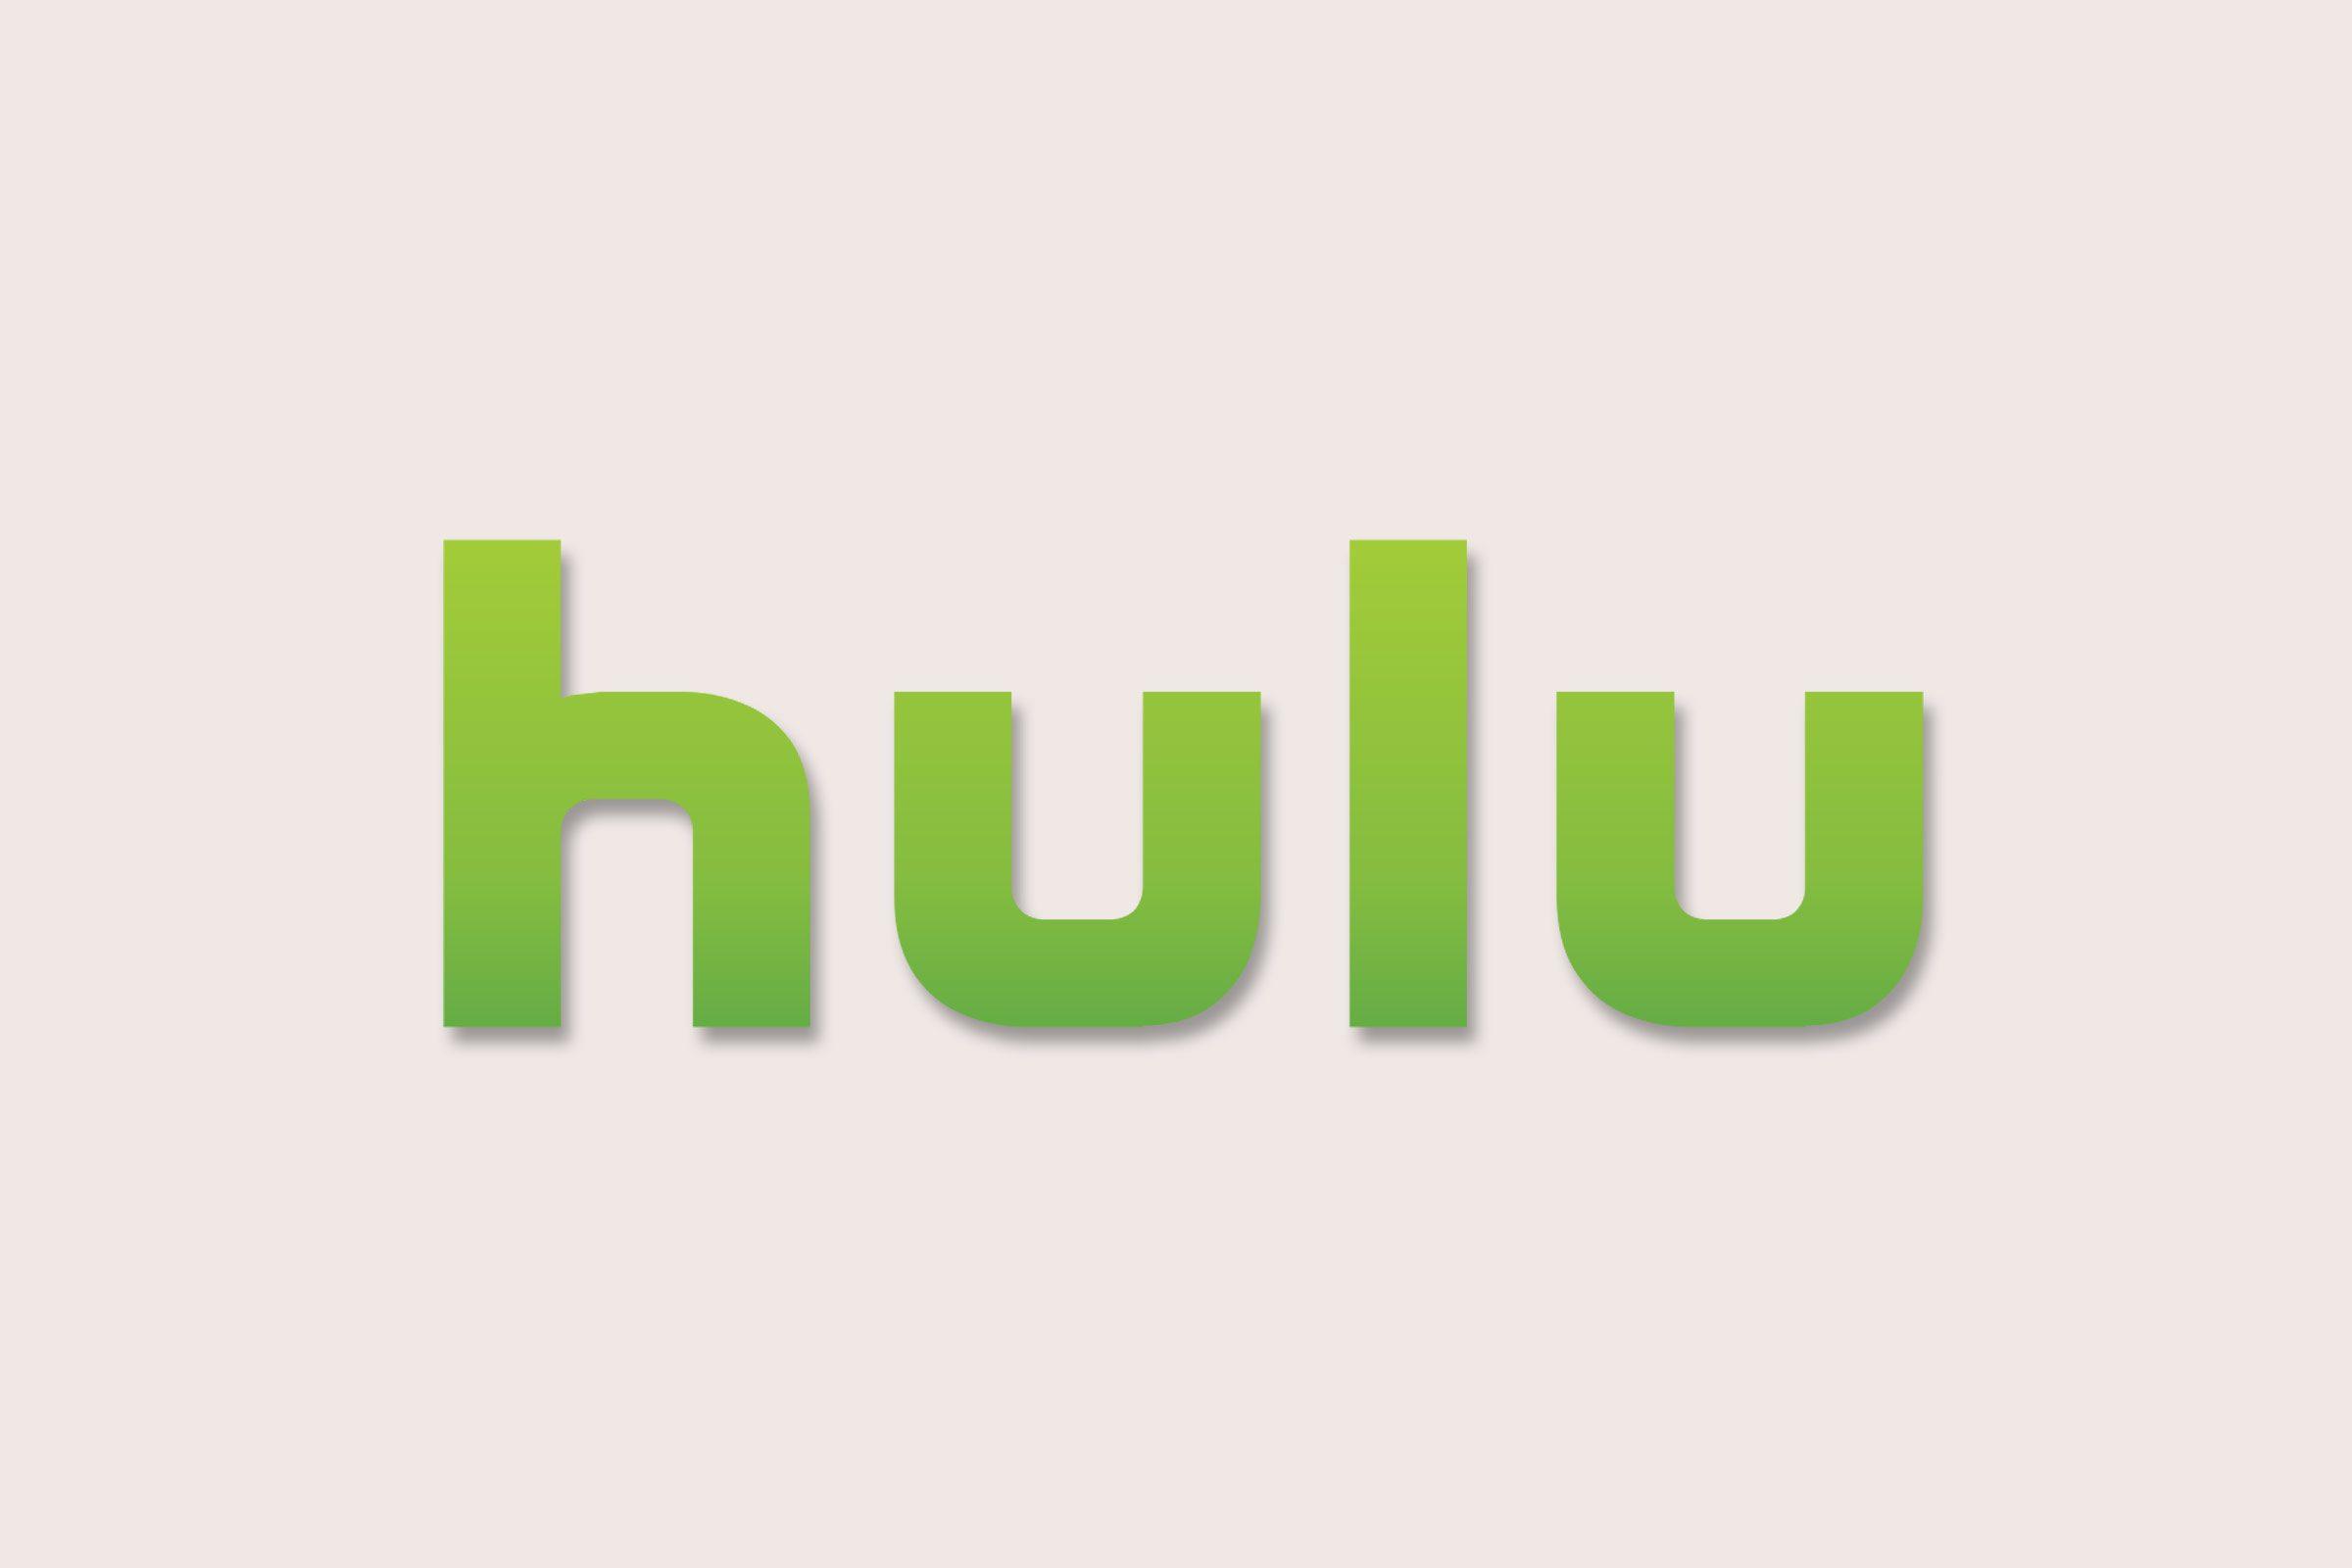 Hulu. Price Tag: Starting at $1 Billion